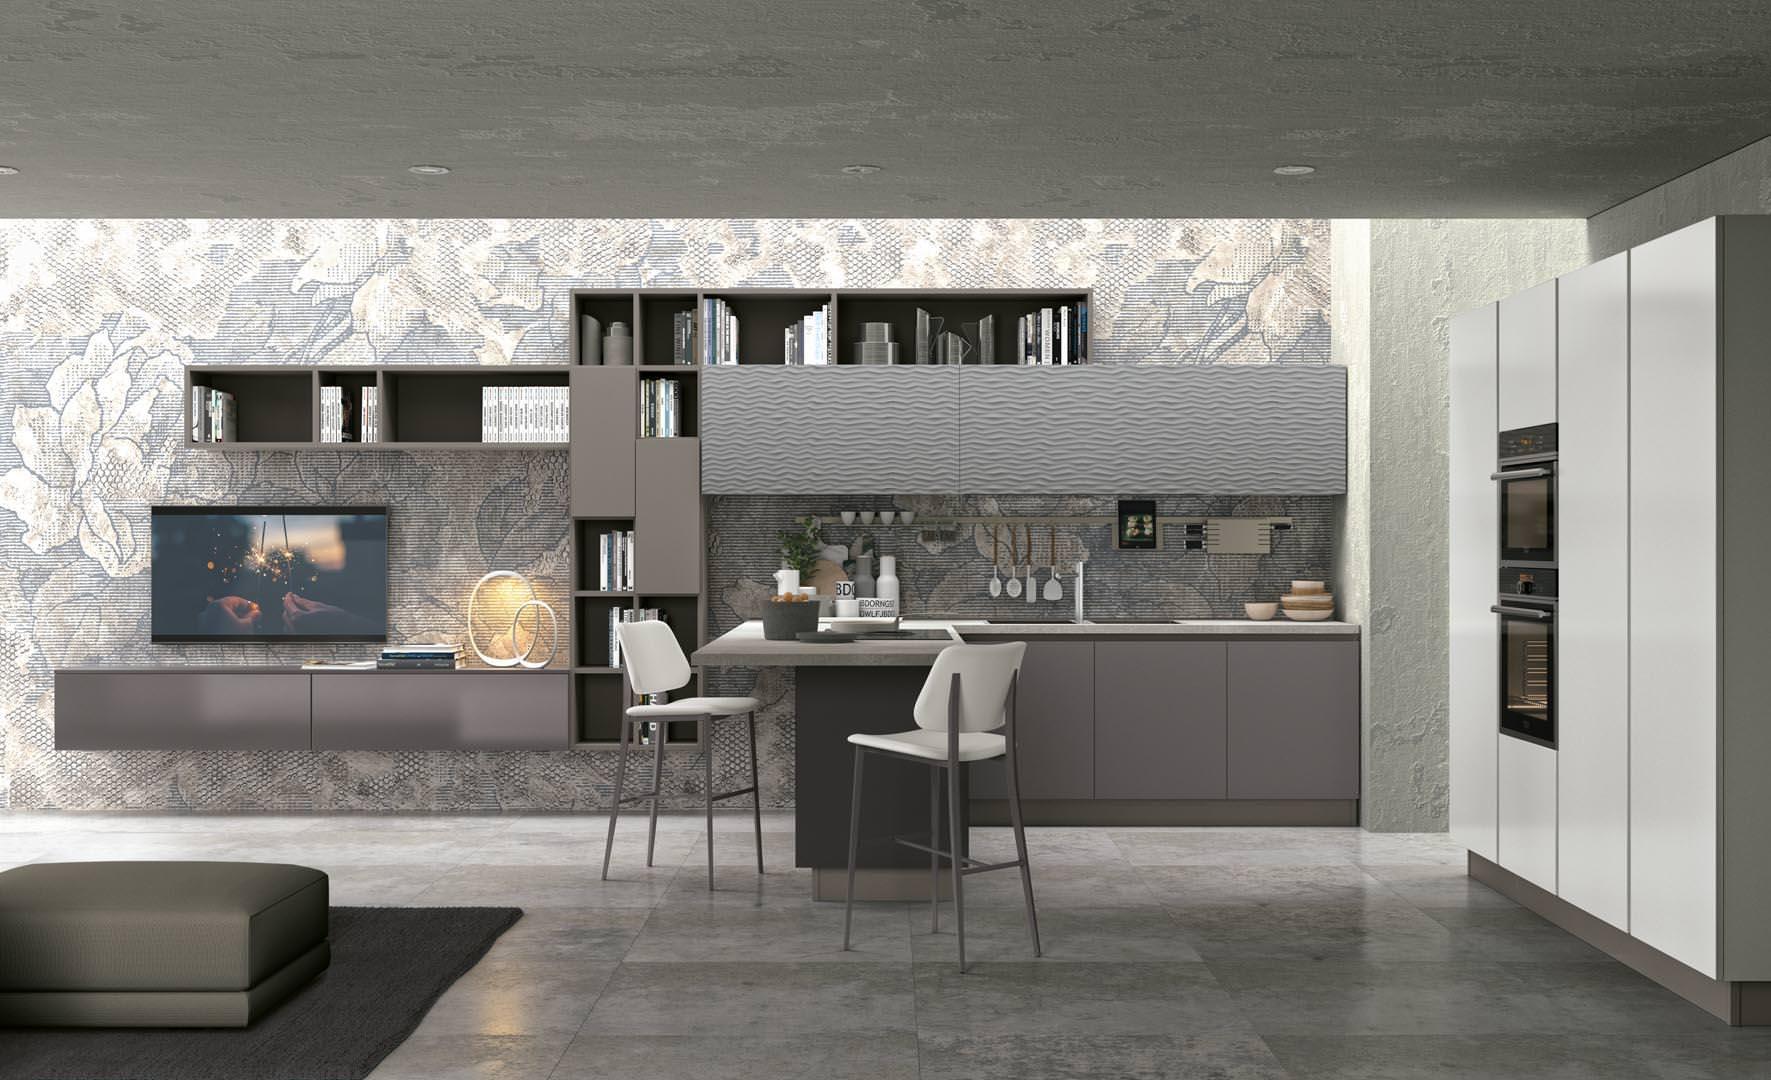 novità cucine moderne a bari, ecco la collezione lube clover lux ... - Cucine Moderne Bari